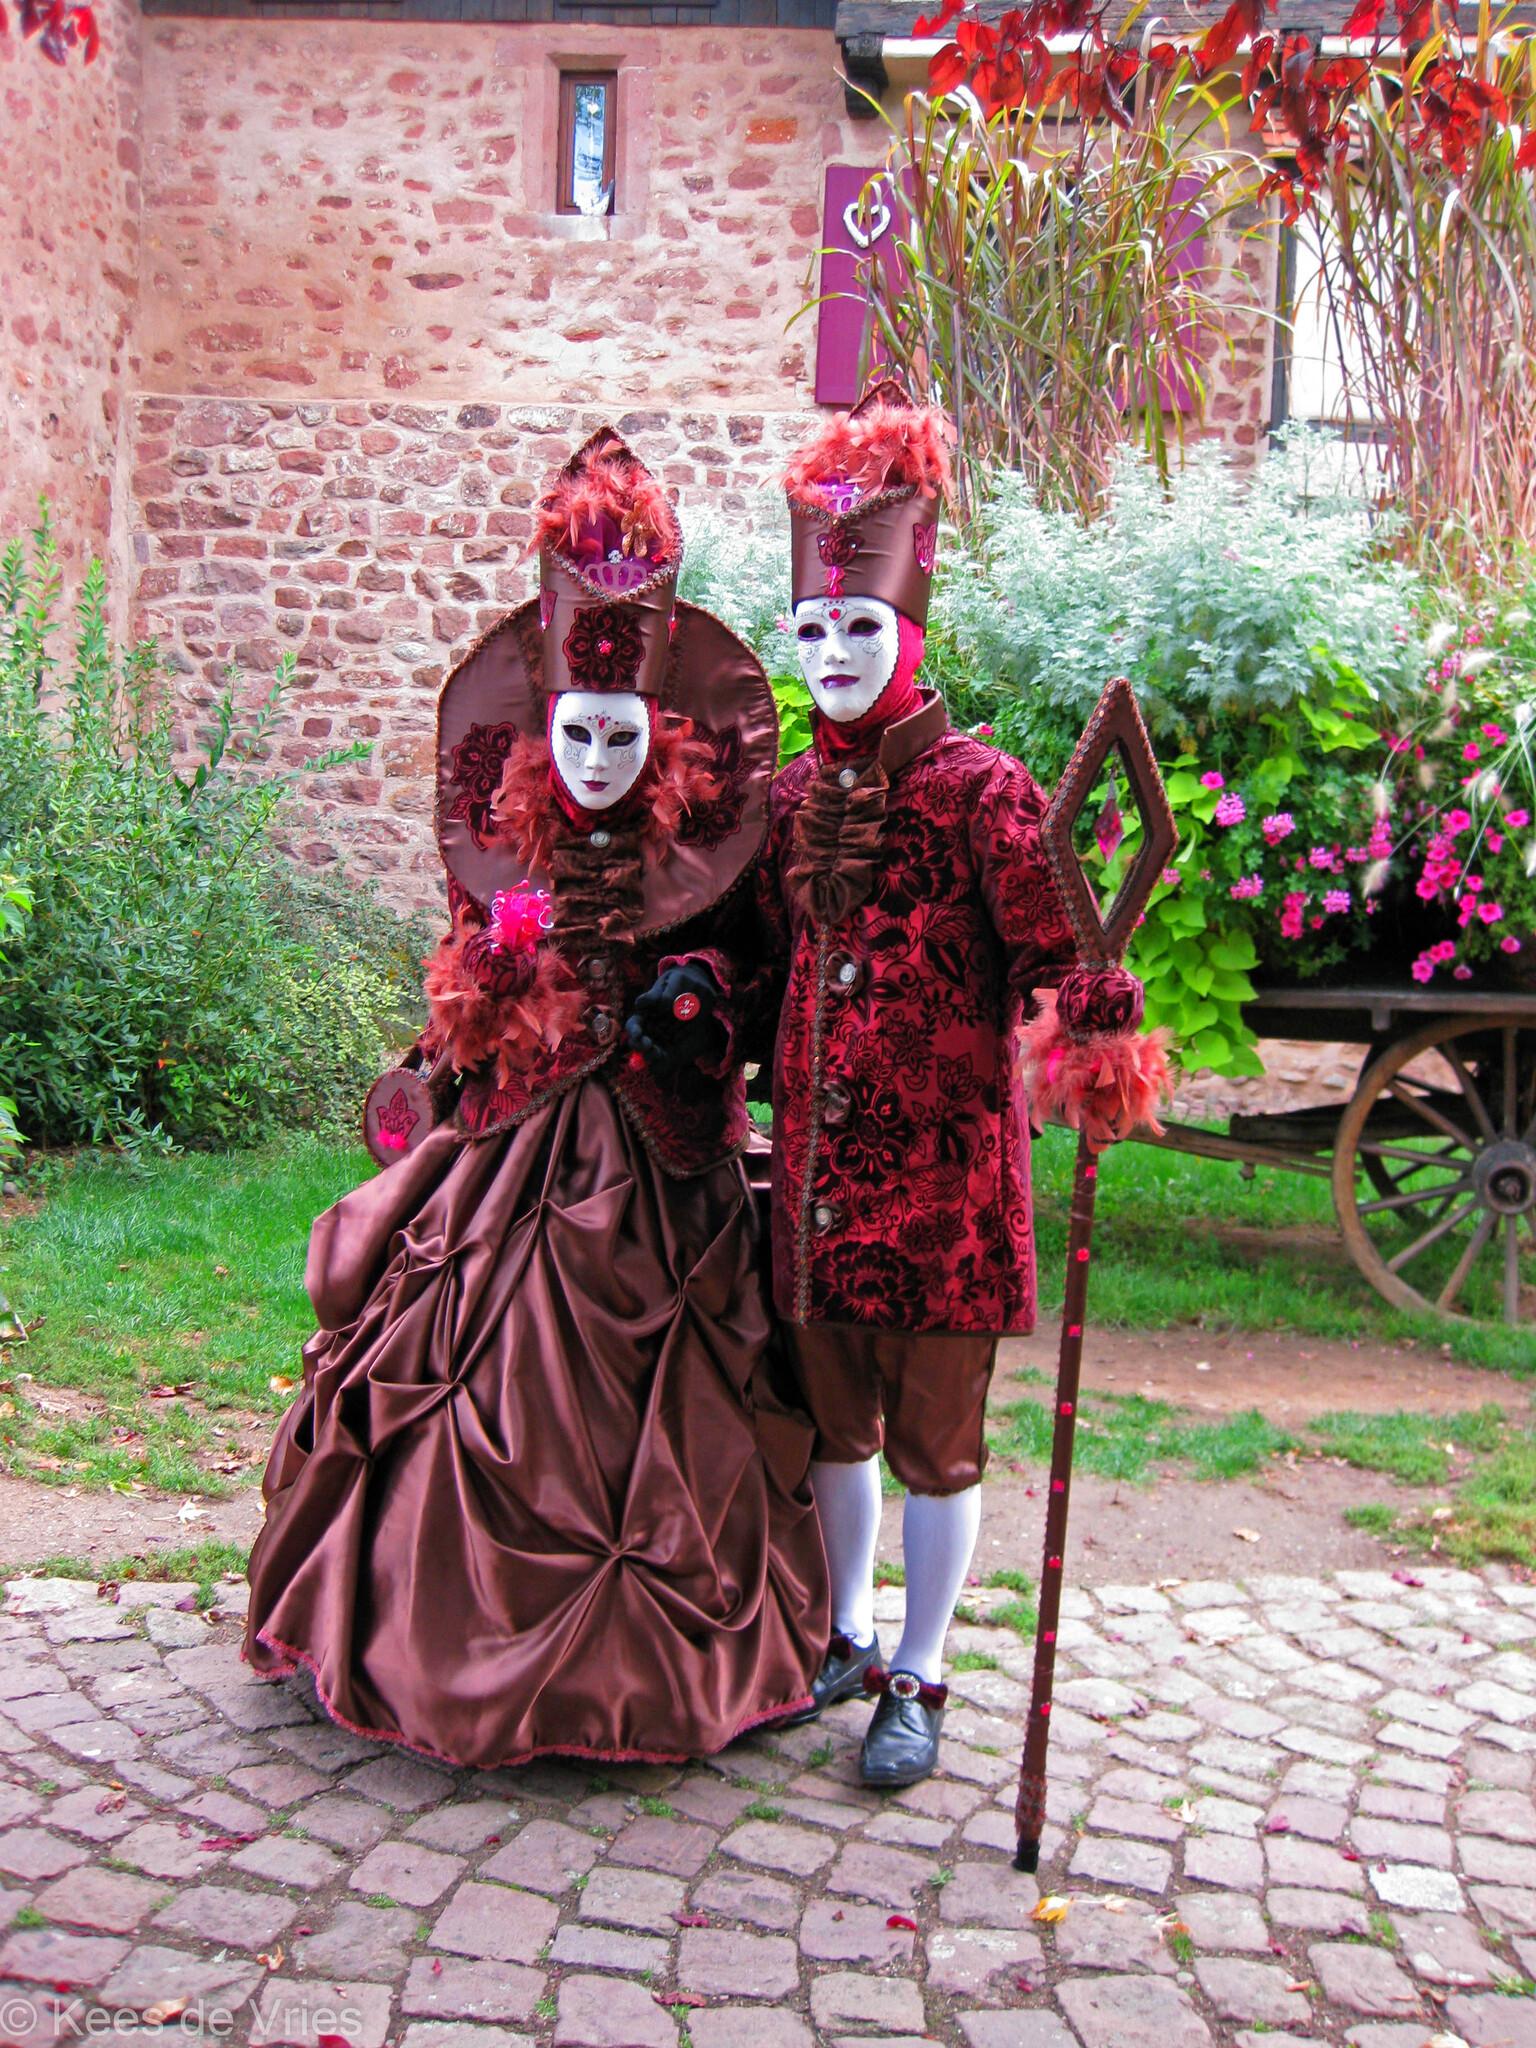 Elzas 2012 - Venetiaanse Parade in Riquewihr in de Elzas - foto door KdV59 op 05-05-2021 - locatie: 68340 Riquewihr, Frankrijk - deze foto bevat: fabriek, venster, roze, wiel, magenta, evenement, fictief personage, gras, heeft, traditie